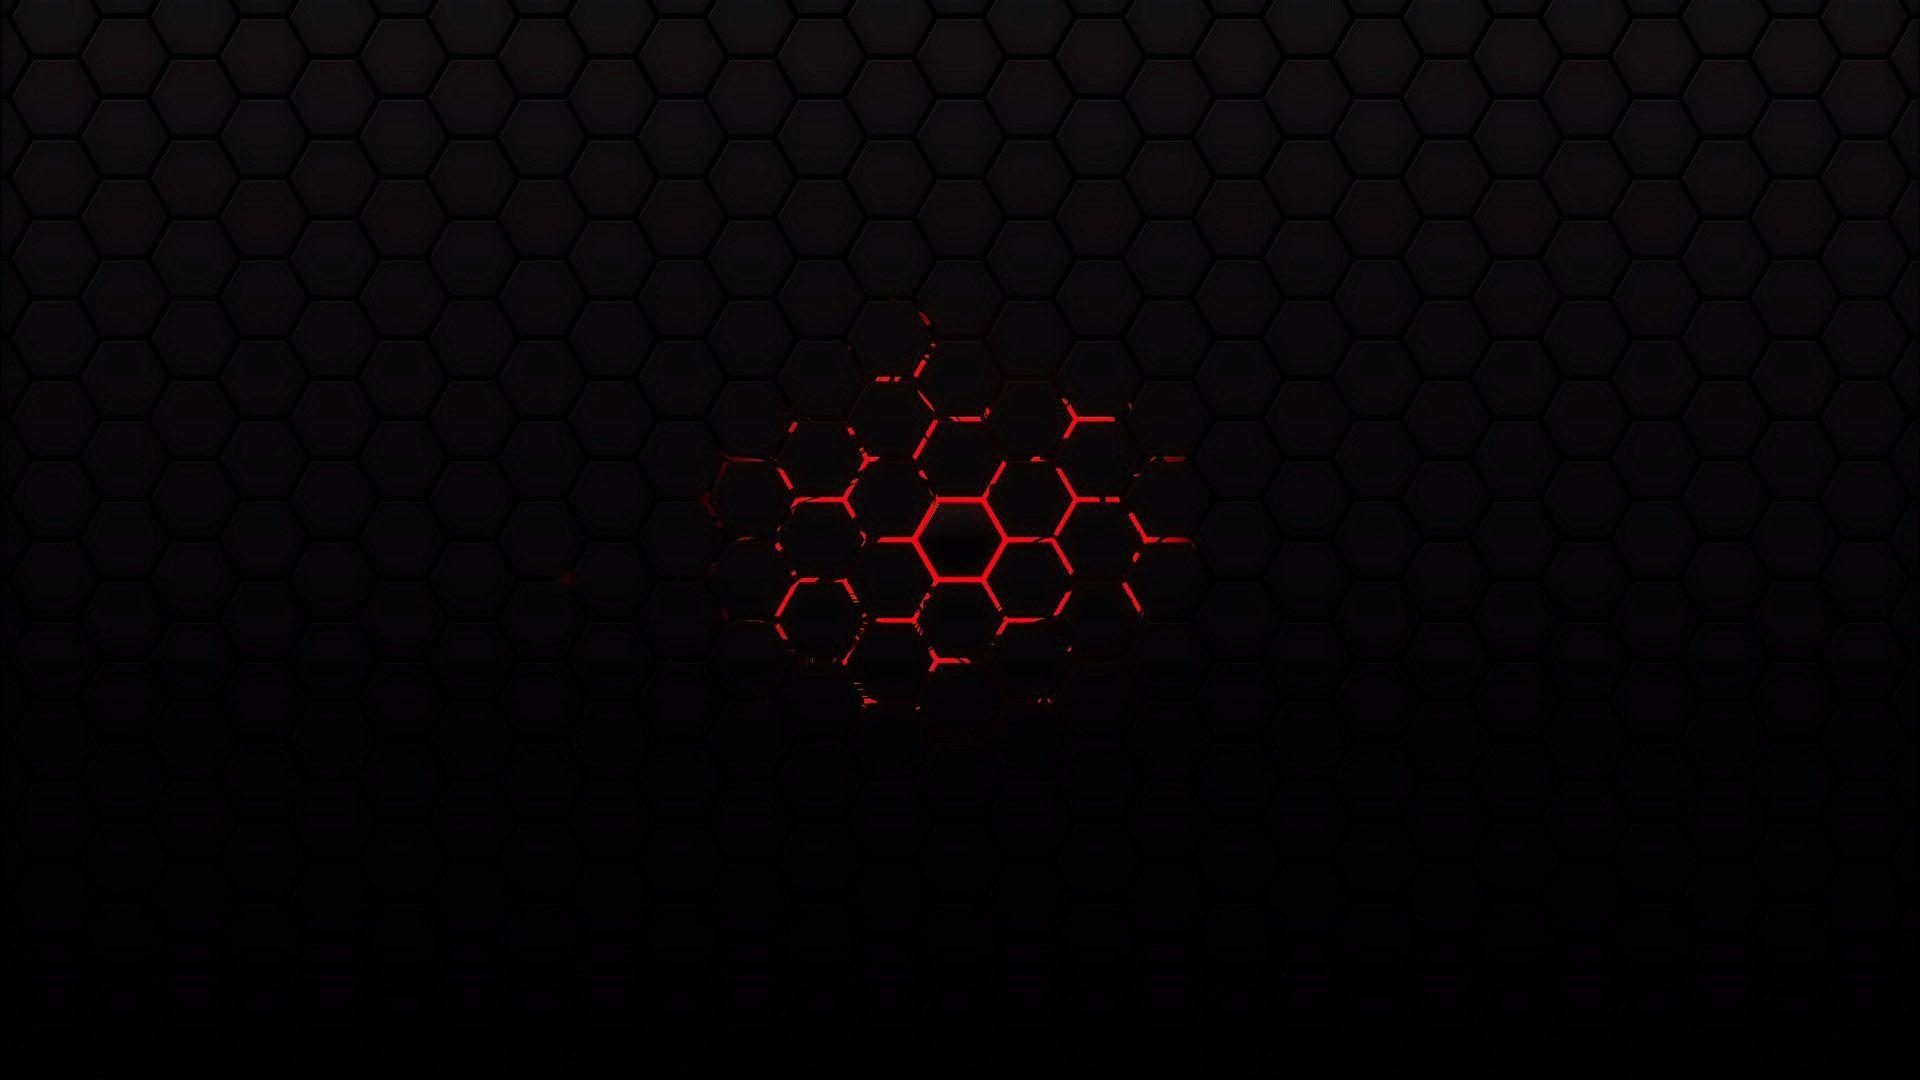 Alienware desktop backgrounds alienware fx themes hd wallpapers alienware desktop backgrounds alienware fx themes voltagebd Choice Image